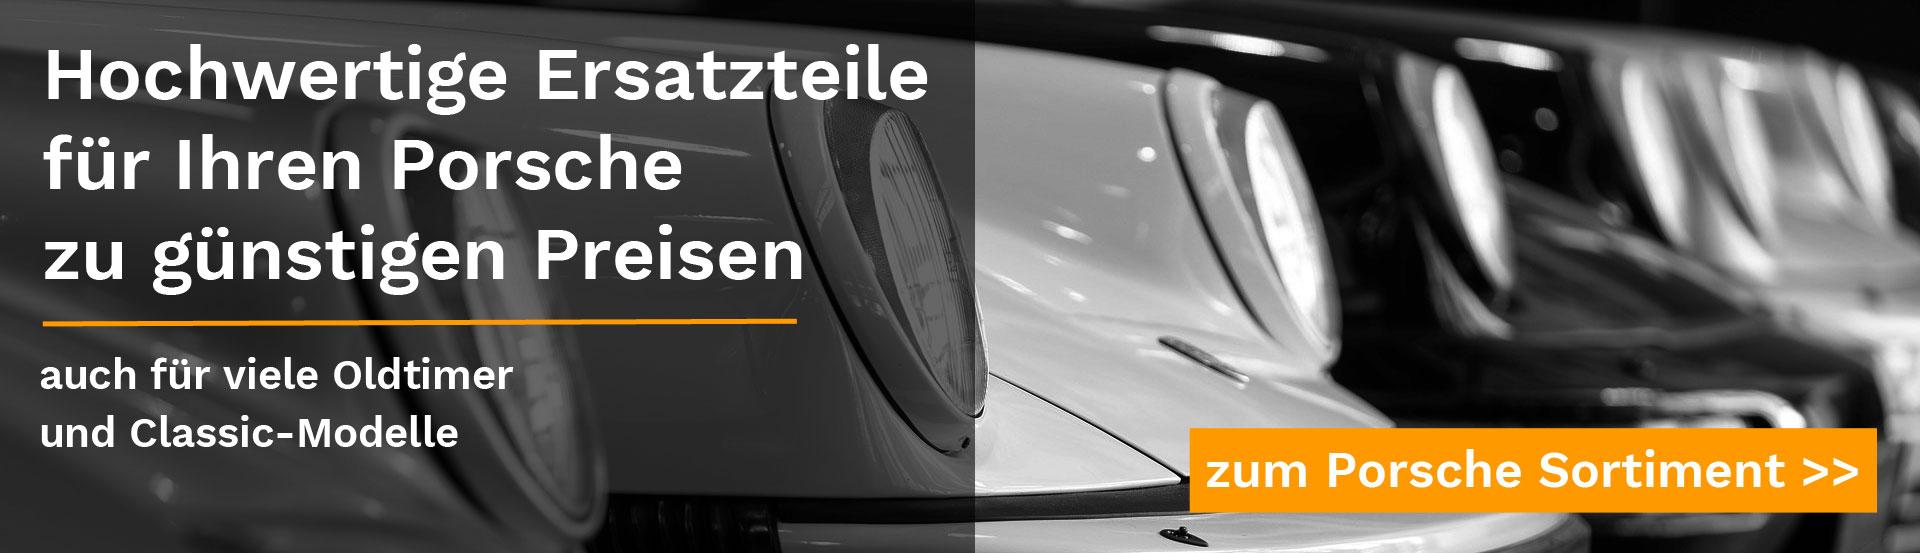 Headerbild für Porsche Ersatzteile Landingpage